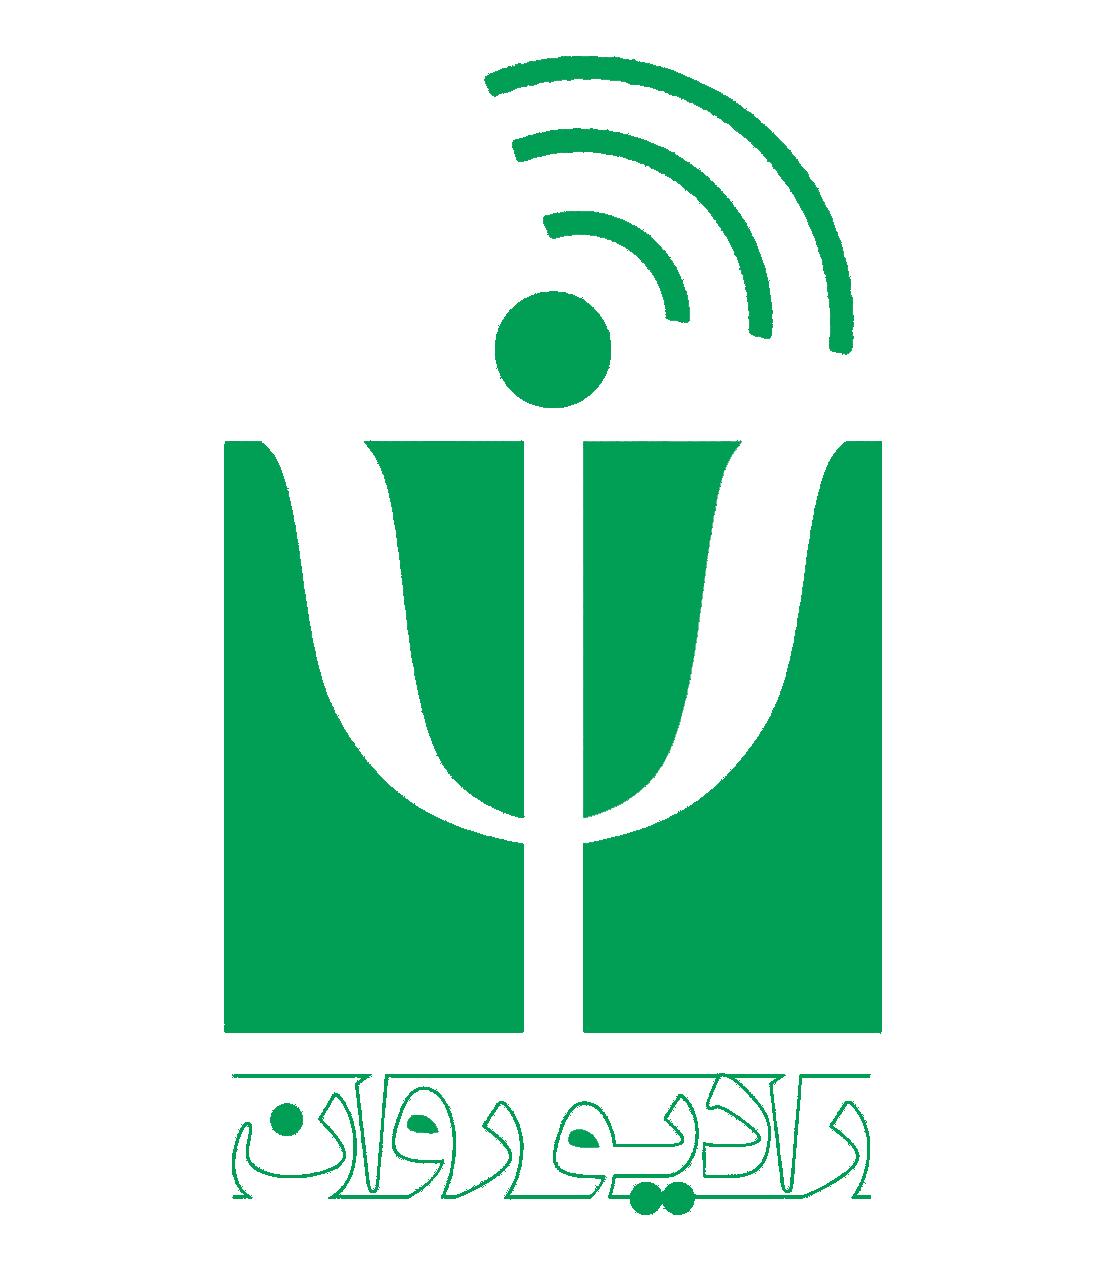 لوگوی رادیو روان